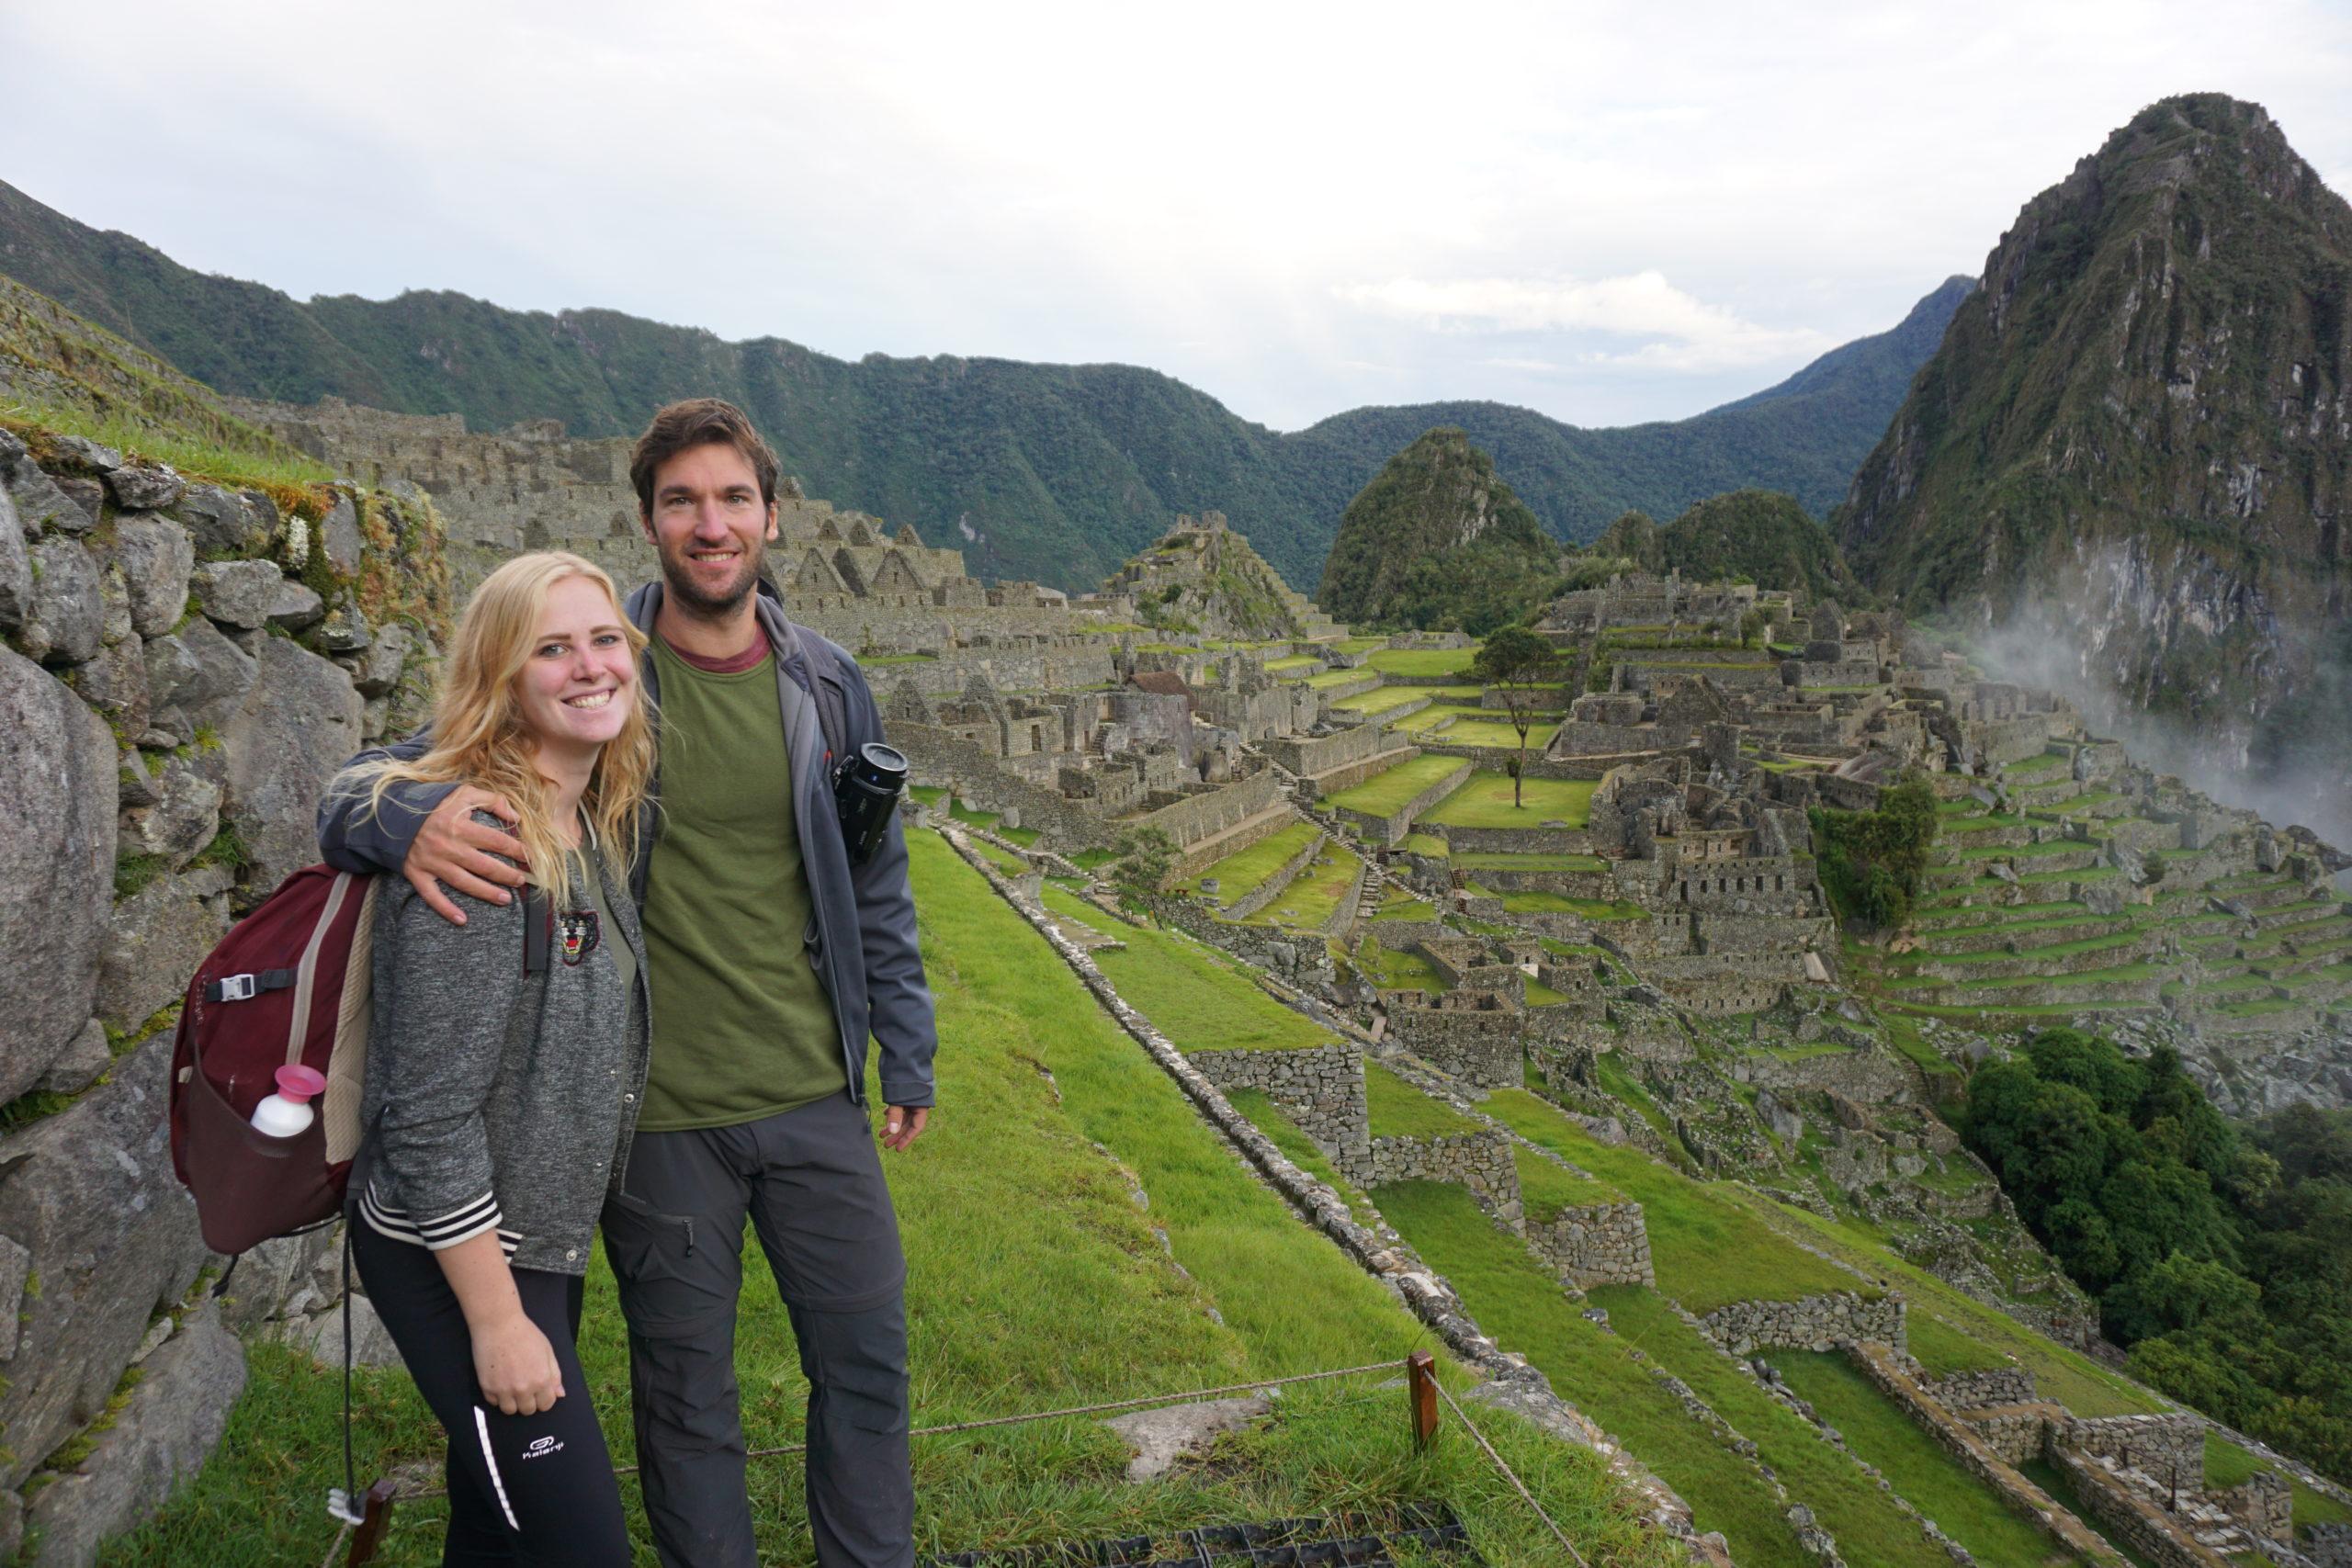 Wereldreis update maand #7: prachtig Peru én verplichte quarantaine